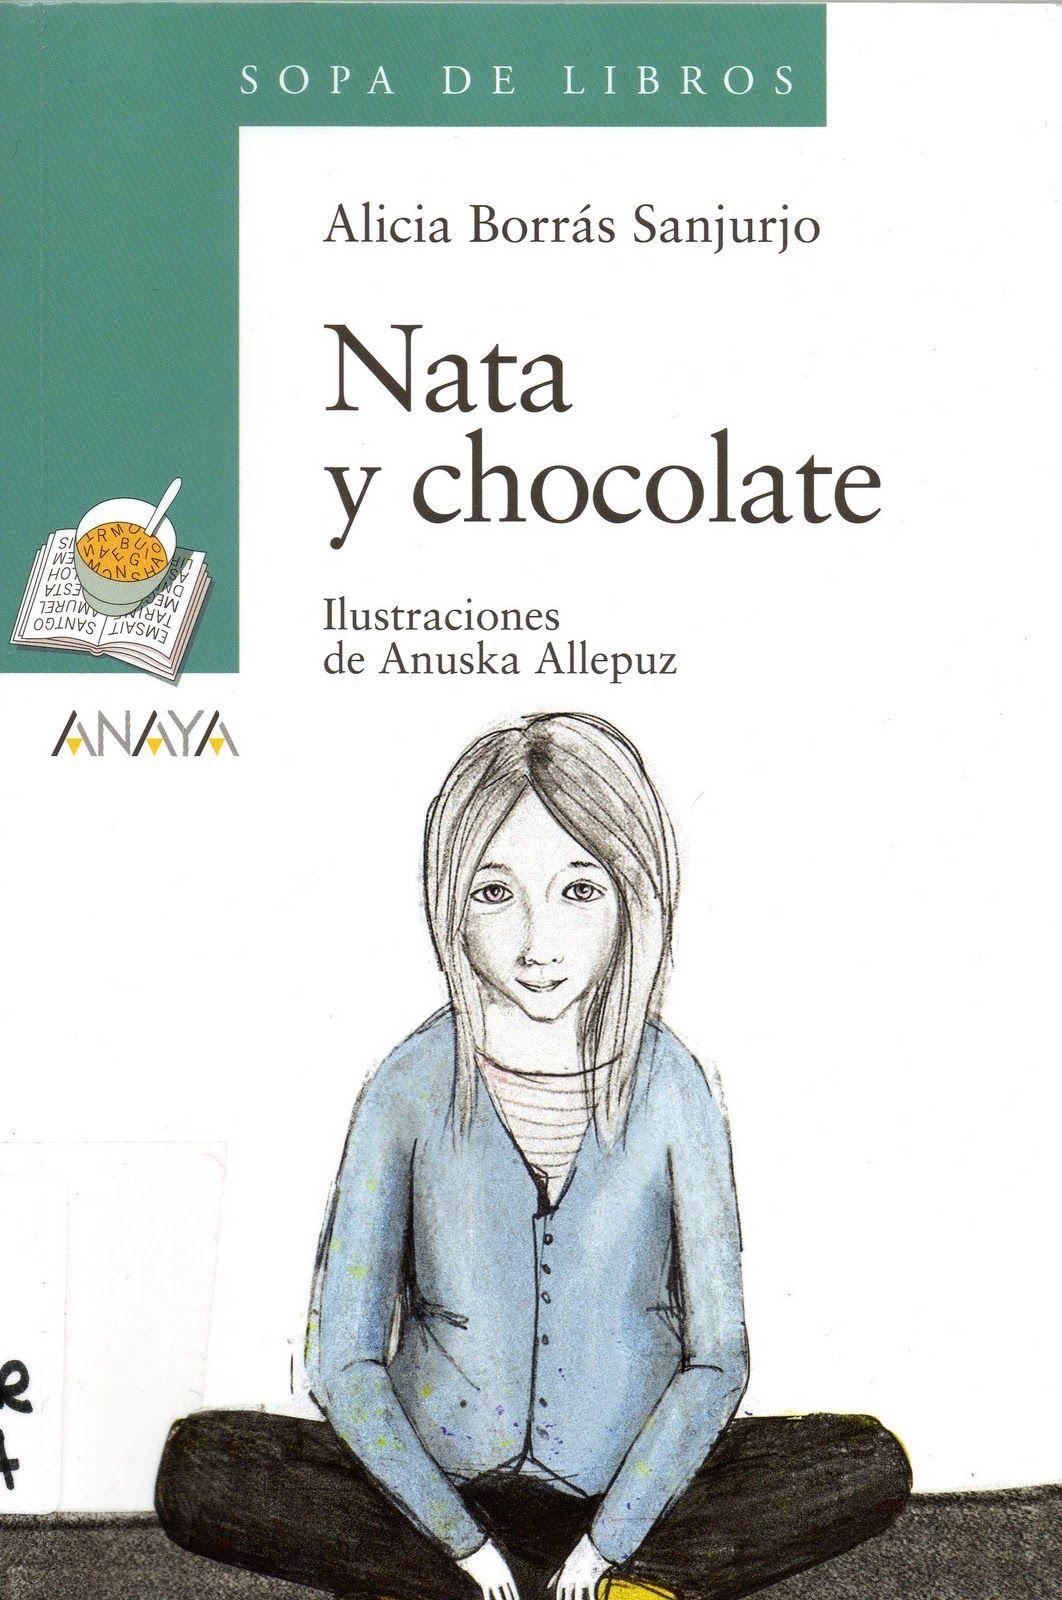 Nata y chocolate de Alicia Borrás